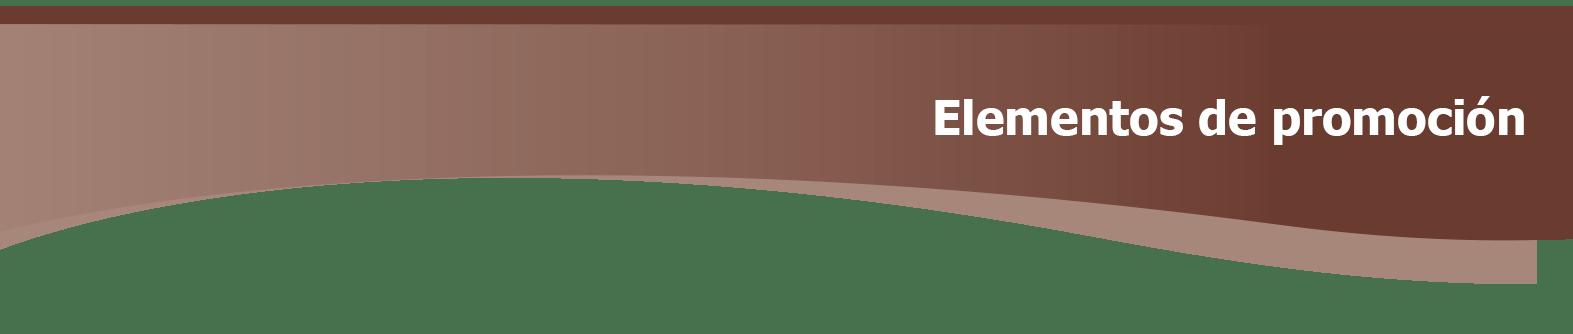 elementos-de-promocion